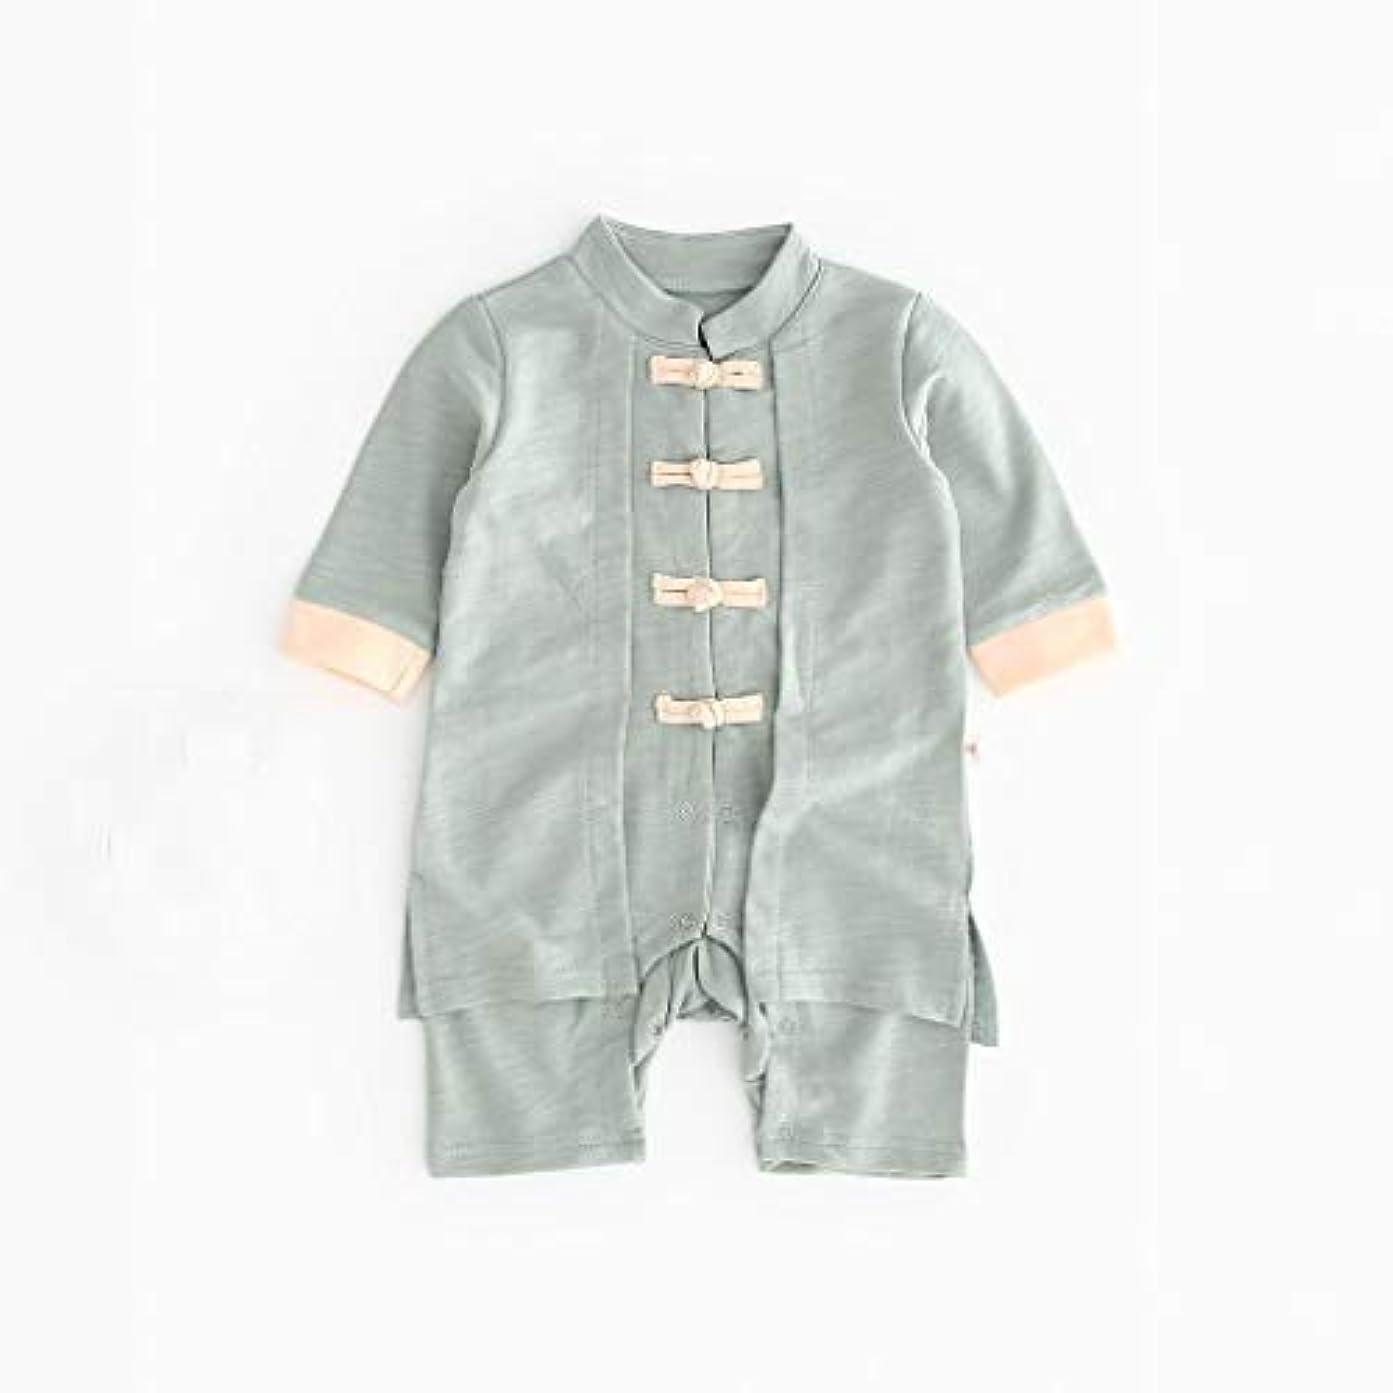 承認ボックスマウスピースかわいいボタン漢風生まれたばかりの赤ちゃん男の子女の子ボタン固体ロンパースジャンプスーツ着物服パジャマ女の子男の子レターストライプ長袖コットンロンパースジャンプスーツ